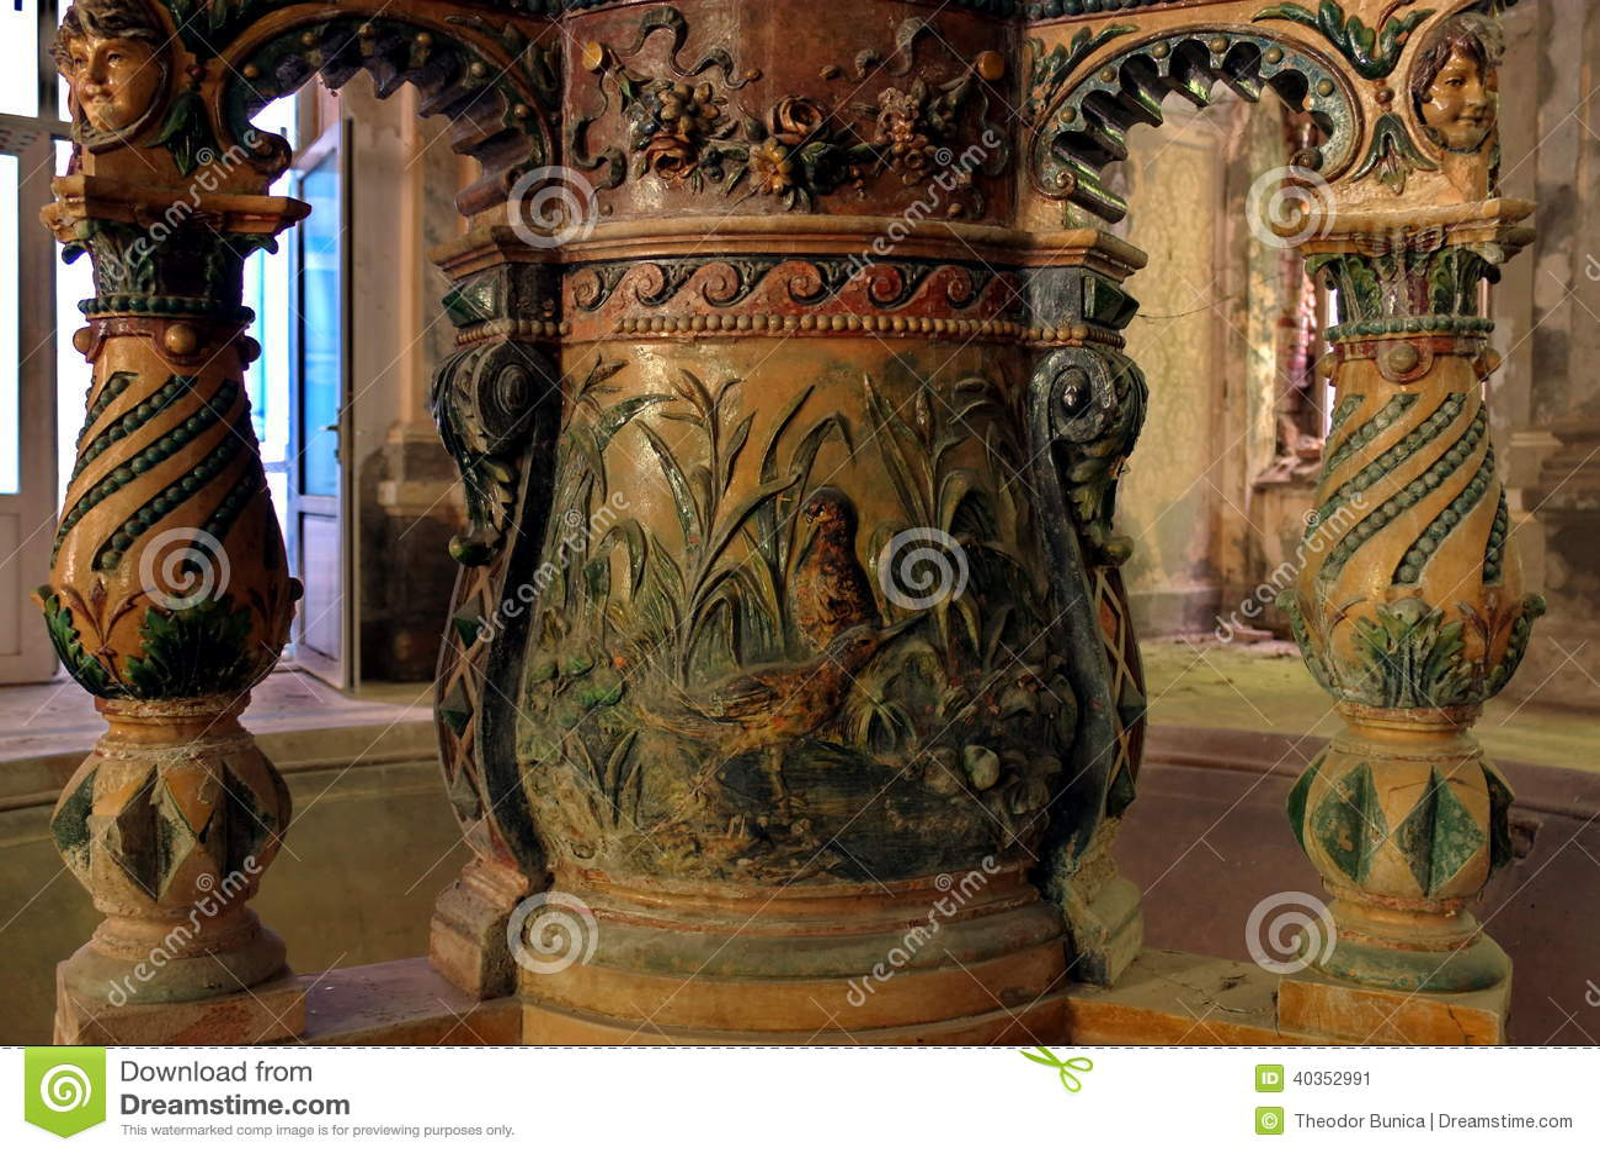 Detalhe de uma fonte do século XIX - Baile Herculane - Romênia